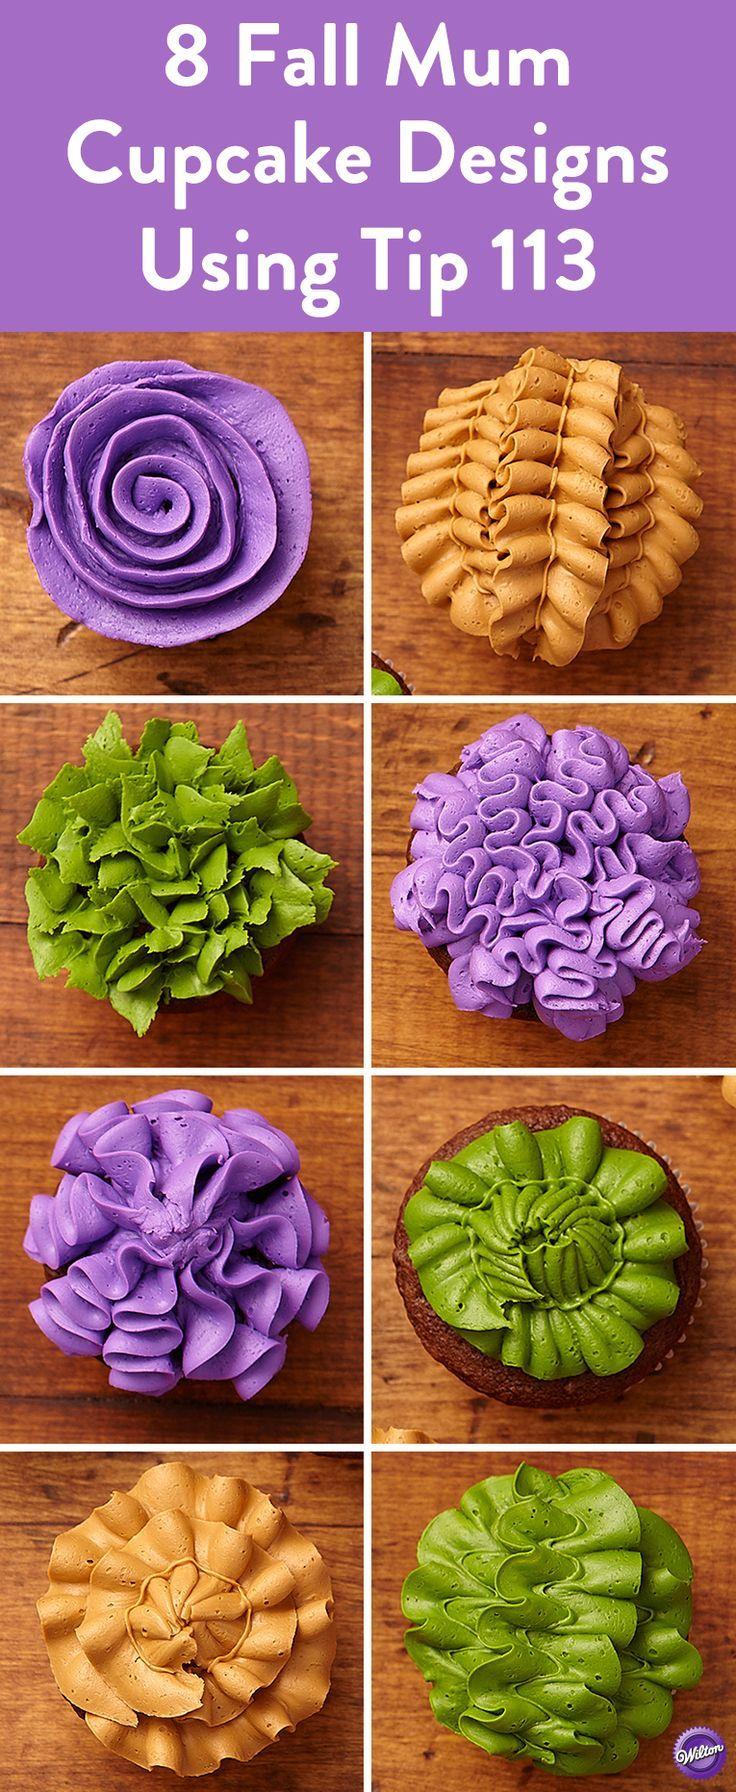 8 Fall Mum Cupcake Designs Using Tip 113 Create 8 stunning cupcake